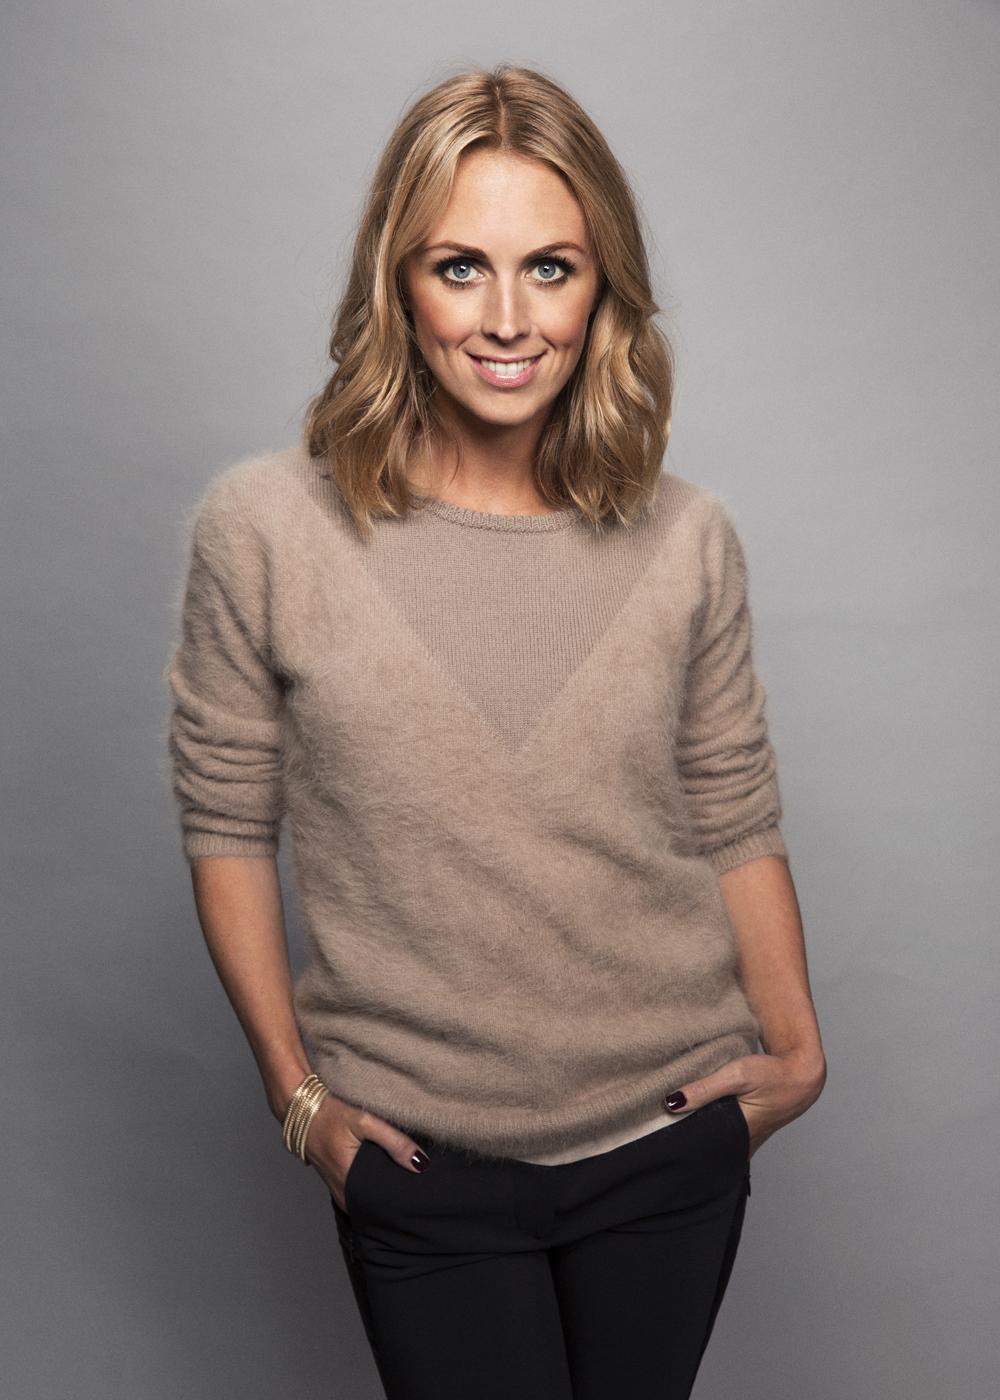 Karin Frick har chansen att vinna pris som Årets sport-tv-pofil under kvällens Kristallen.